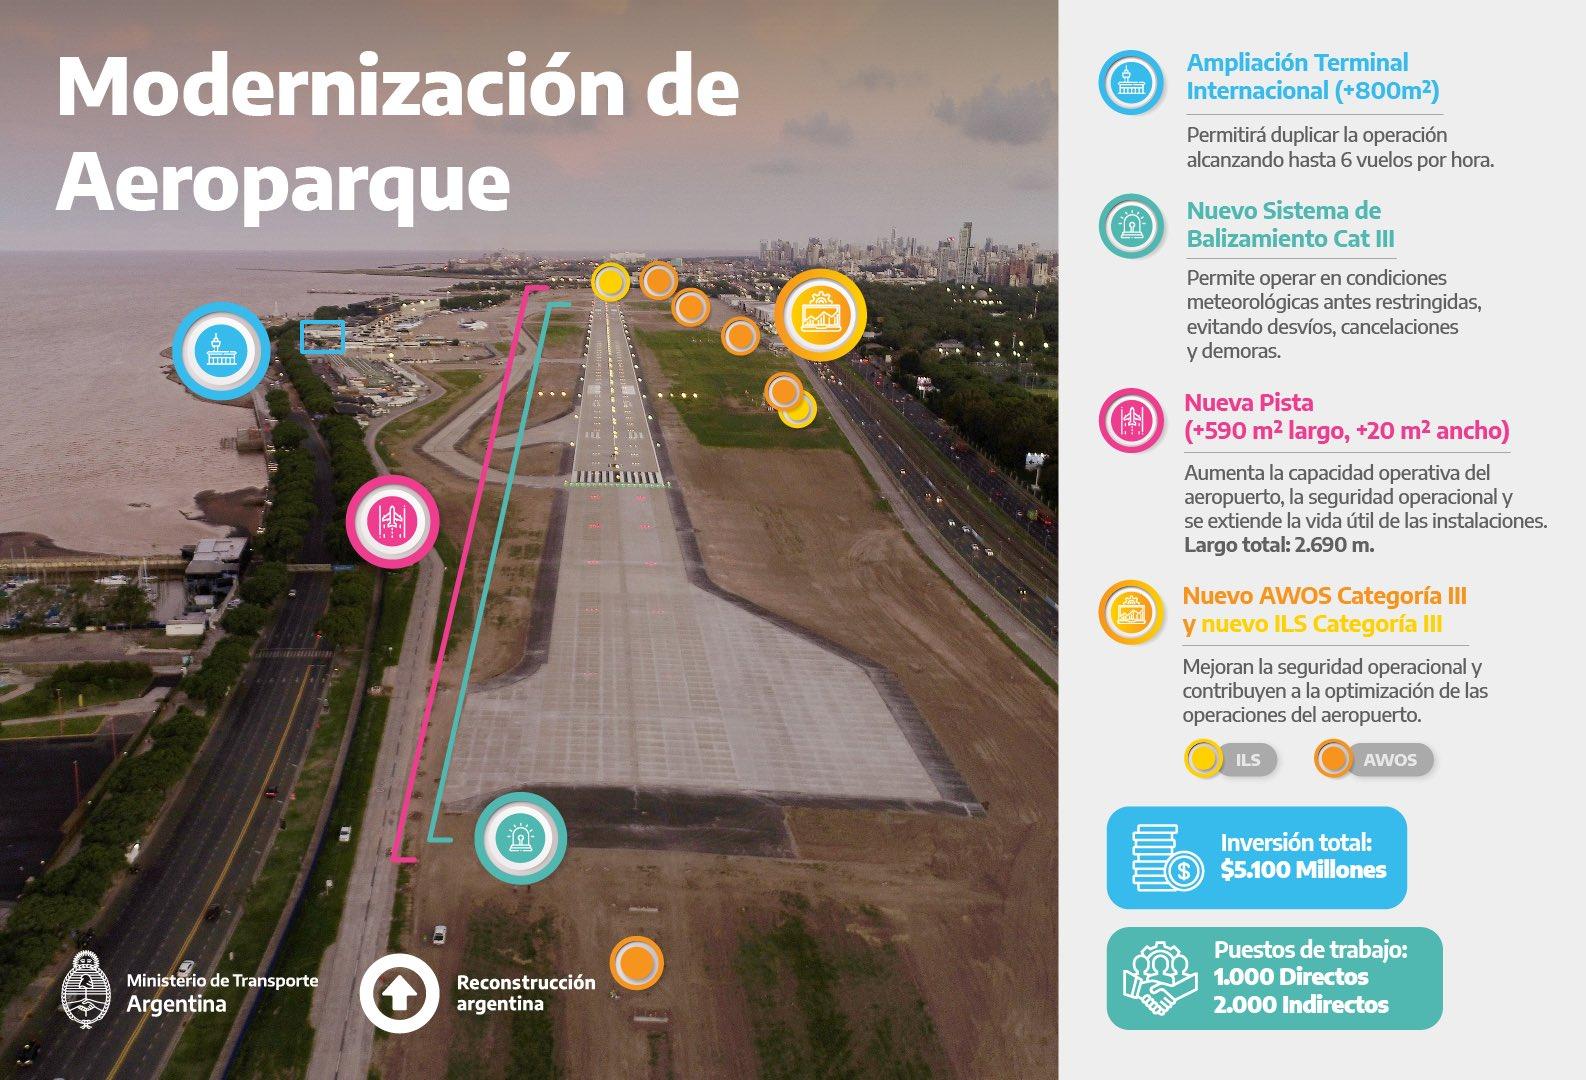 Aeroparque: tras una reforma total, vuelve a operar mañana